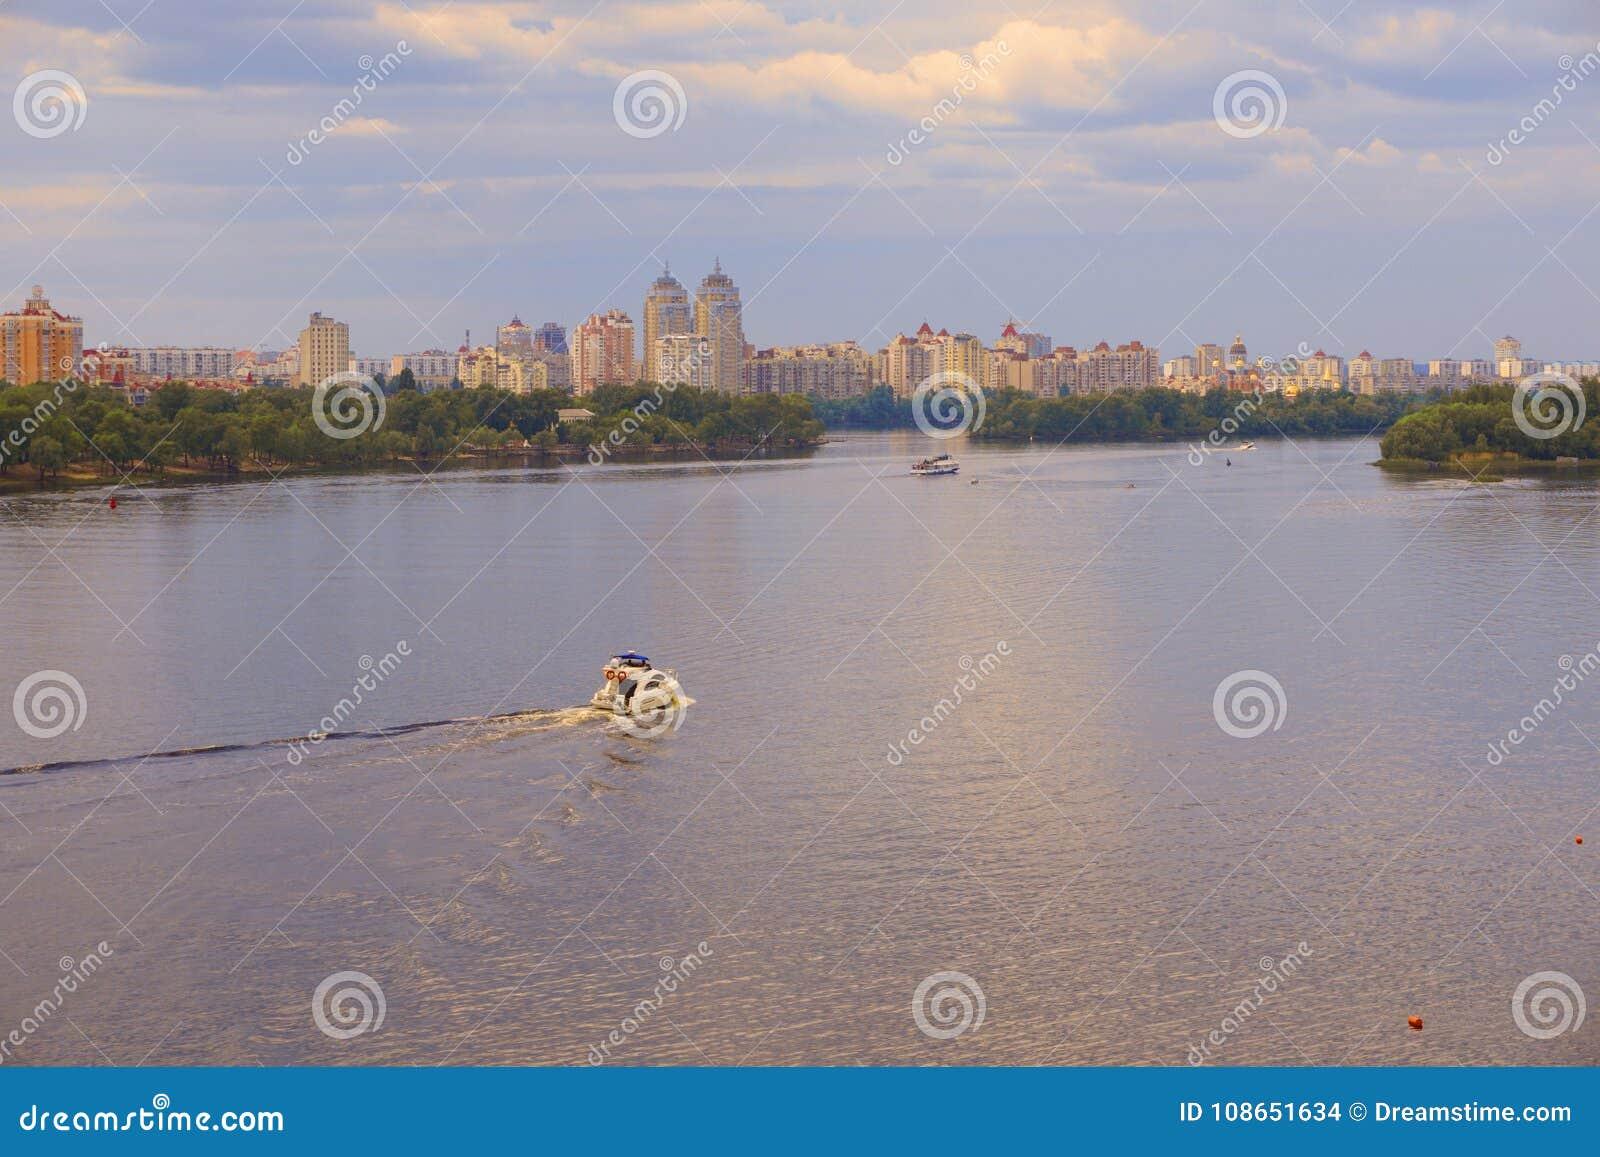 Yacht Schiff, Boot geht auf Oberfläche des Dnieper Dnipro, Dnepr-Fluss vor dem hintergrund der Stadtwolkenkratzer